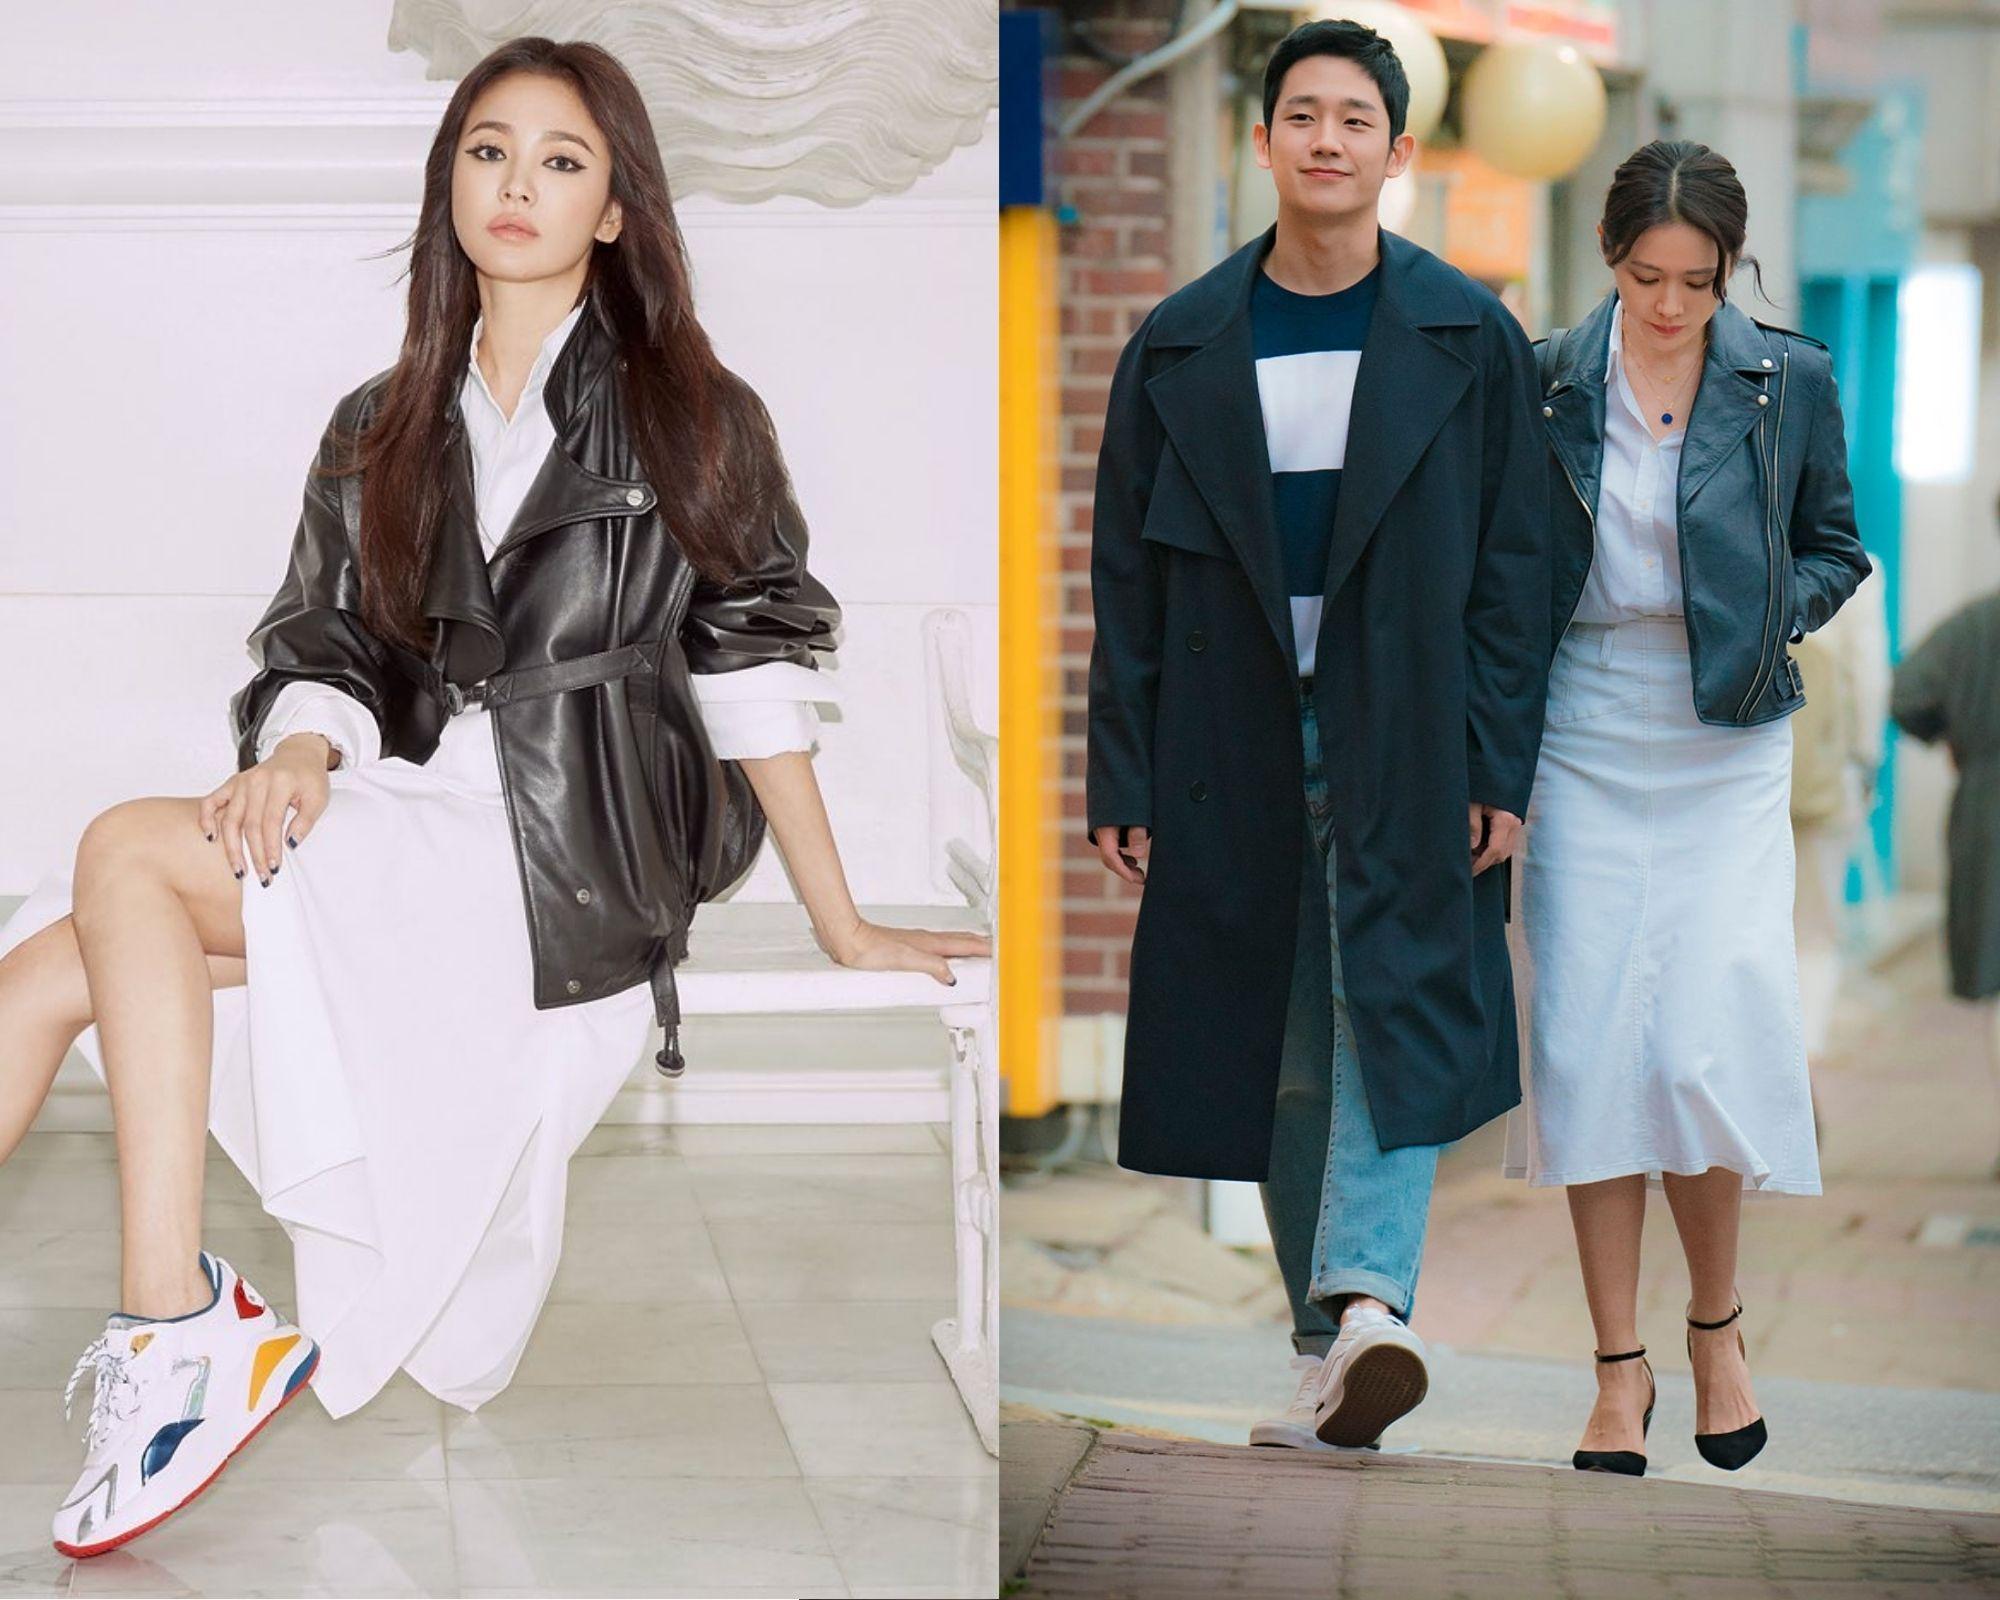 """Ai mà ngờ Song Hye Kyo lớn tuổi hơn Son Ye Jin vì cô trẻ trung lấn át cả """"chị đẹp"""" khi chung ý tưởng diện đồ - Ảnh 6."""